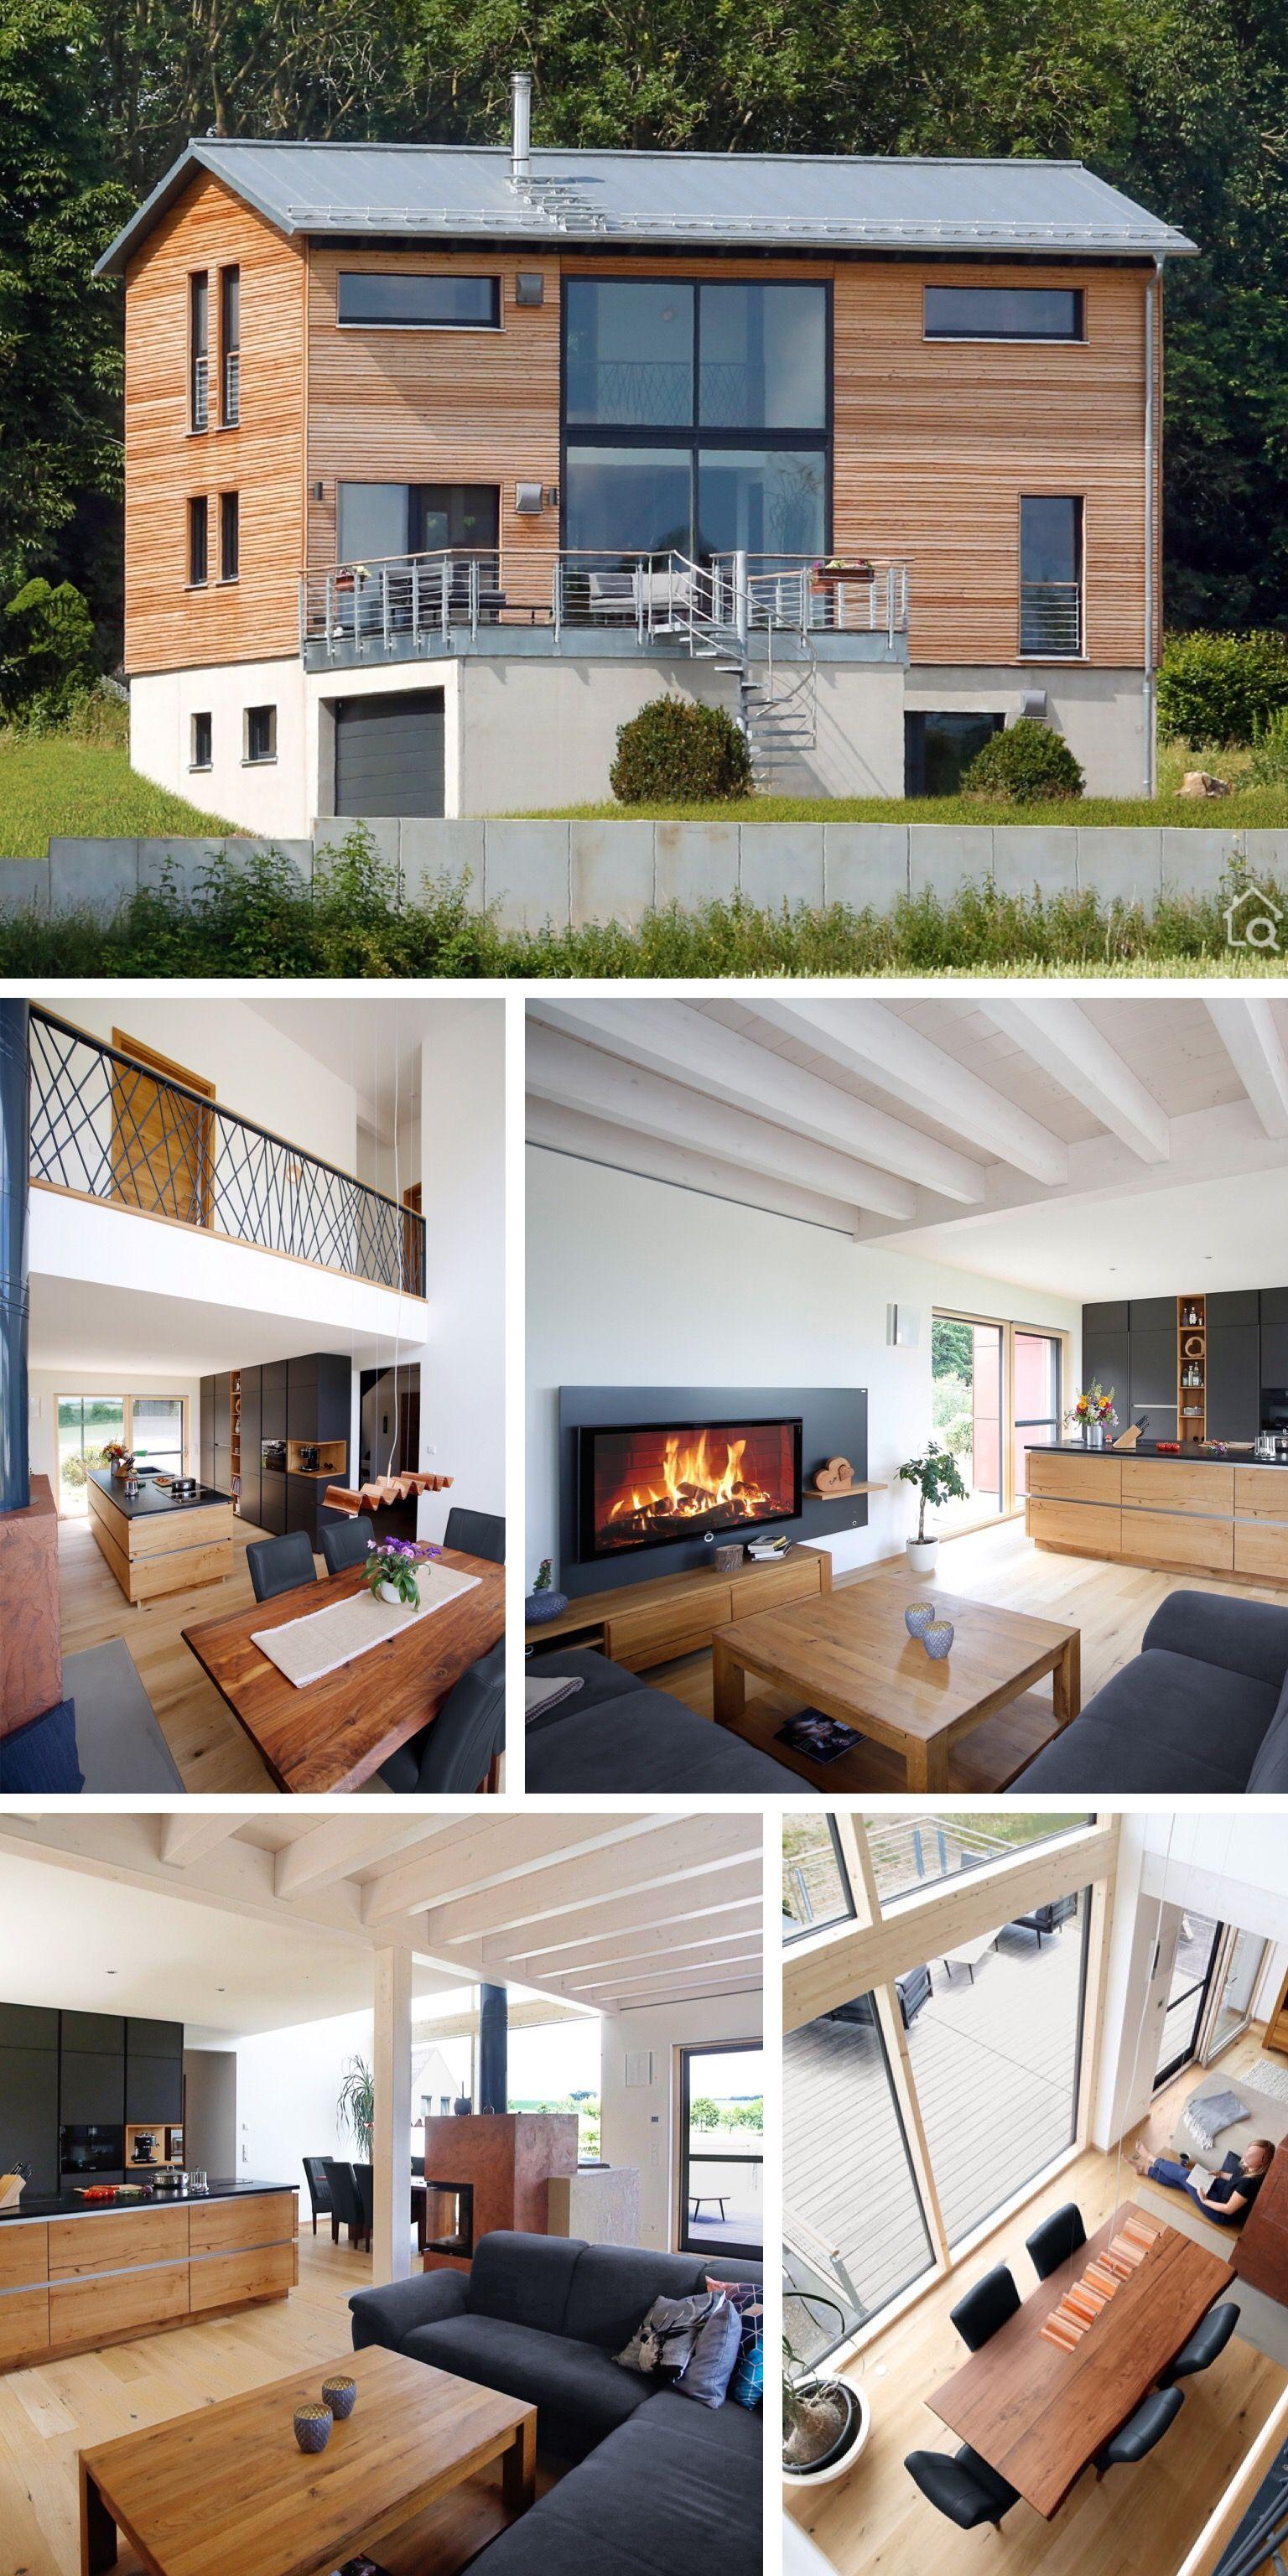 Photo of Einfamilienhaus ÖKOHAUS SCHELLENBERG mit Garage – Hausbaukratzer